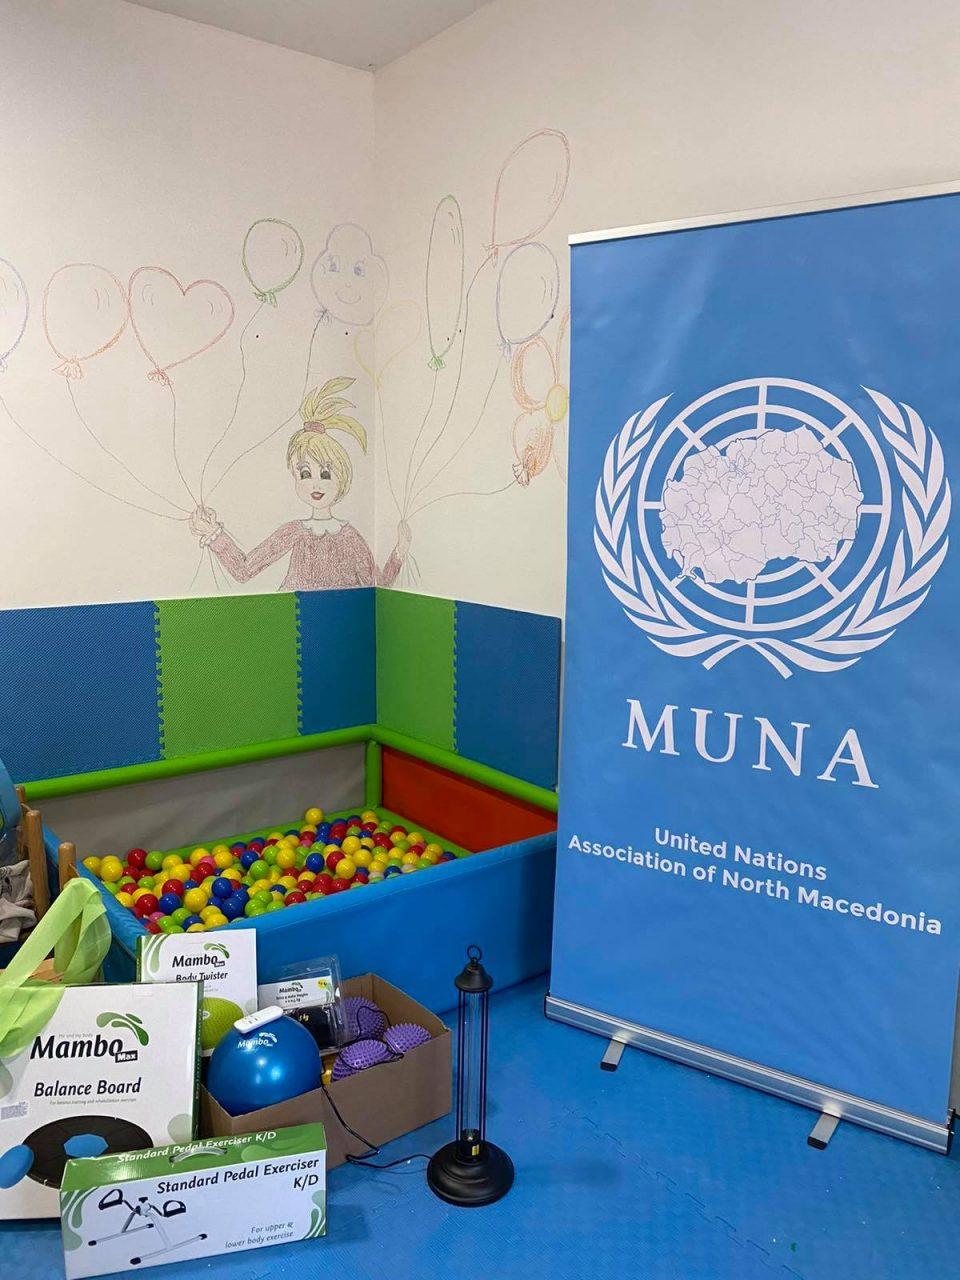 Хуманитарна акција на МУНА (Асоцијација на Обединетите Нации на Македонија) за децата со посебни потреби од Куманово